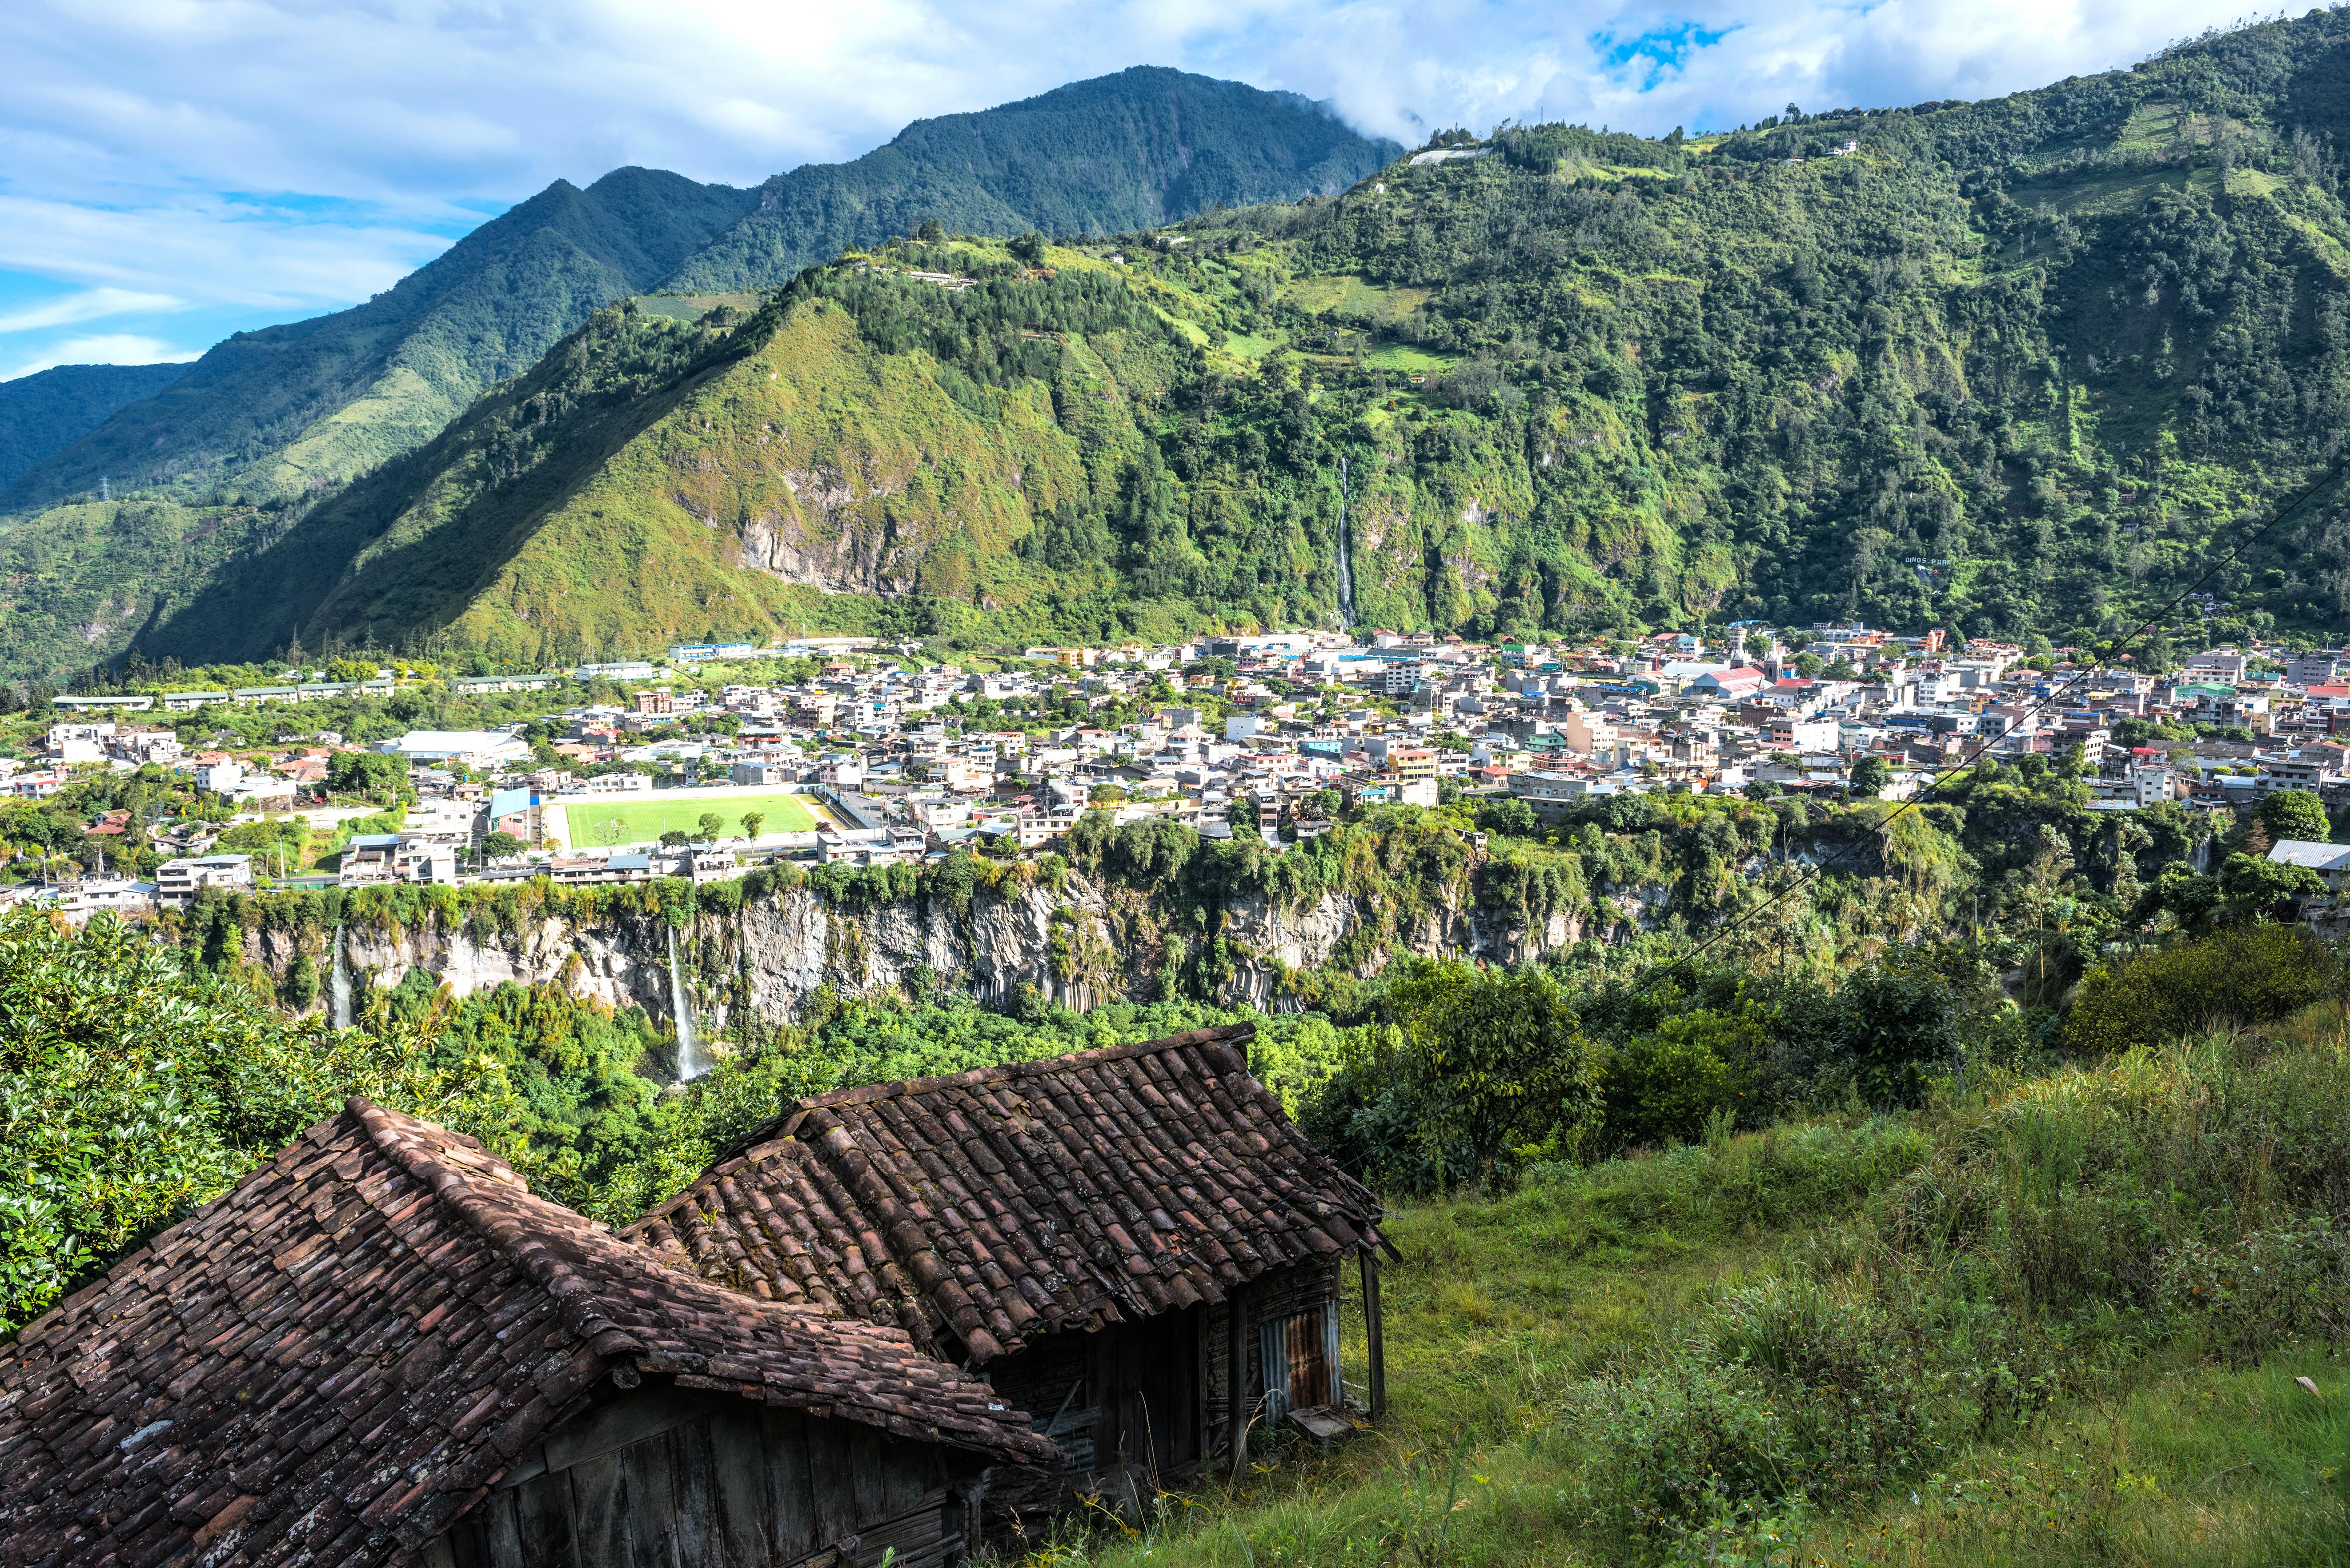 Baños termales relajantes - Ecuador Gran Viaje A tu aire: Recorriendo Ecuador